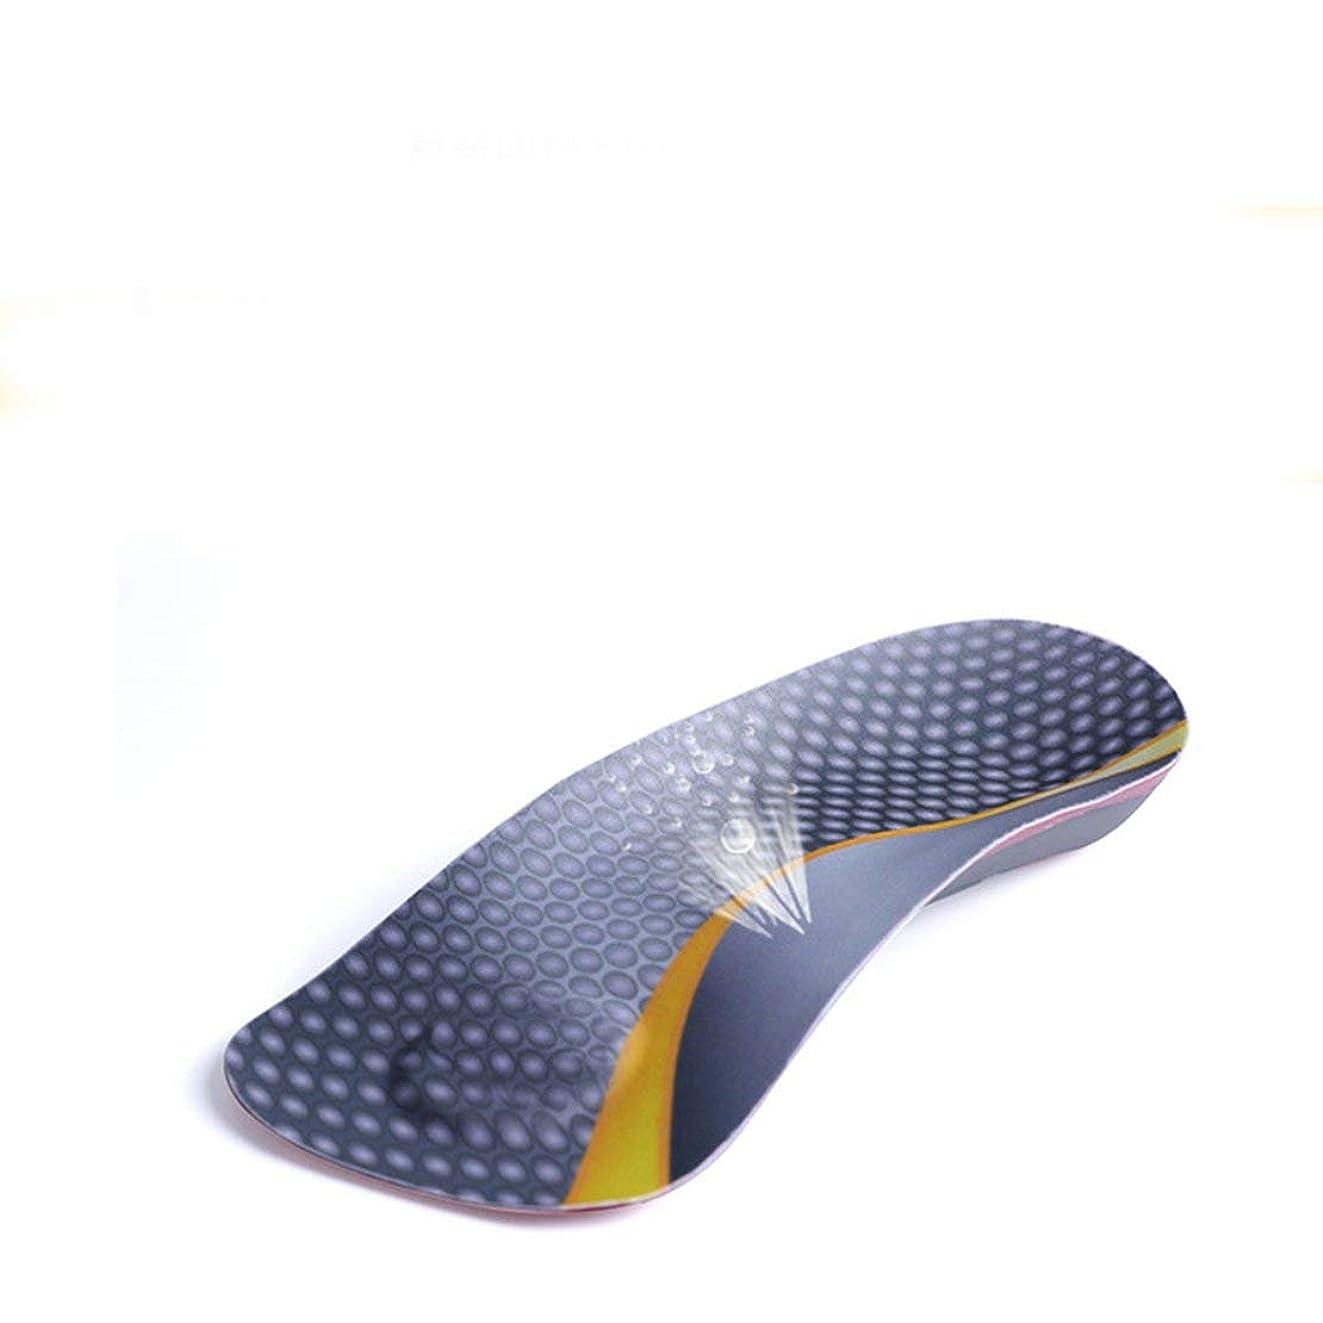 運動忘れる輸送フットアーチハーフパッド補正3/4オルソティックアーチサポートインソール靴クッションパッドランニングフィート回内転倒 (Panda) (色:黒)